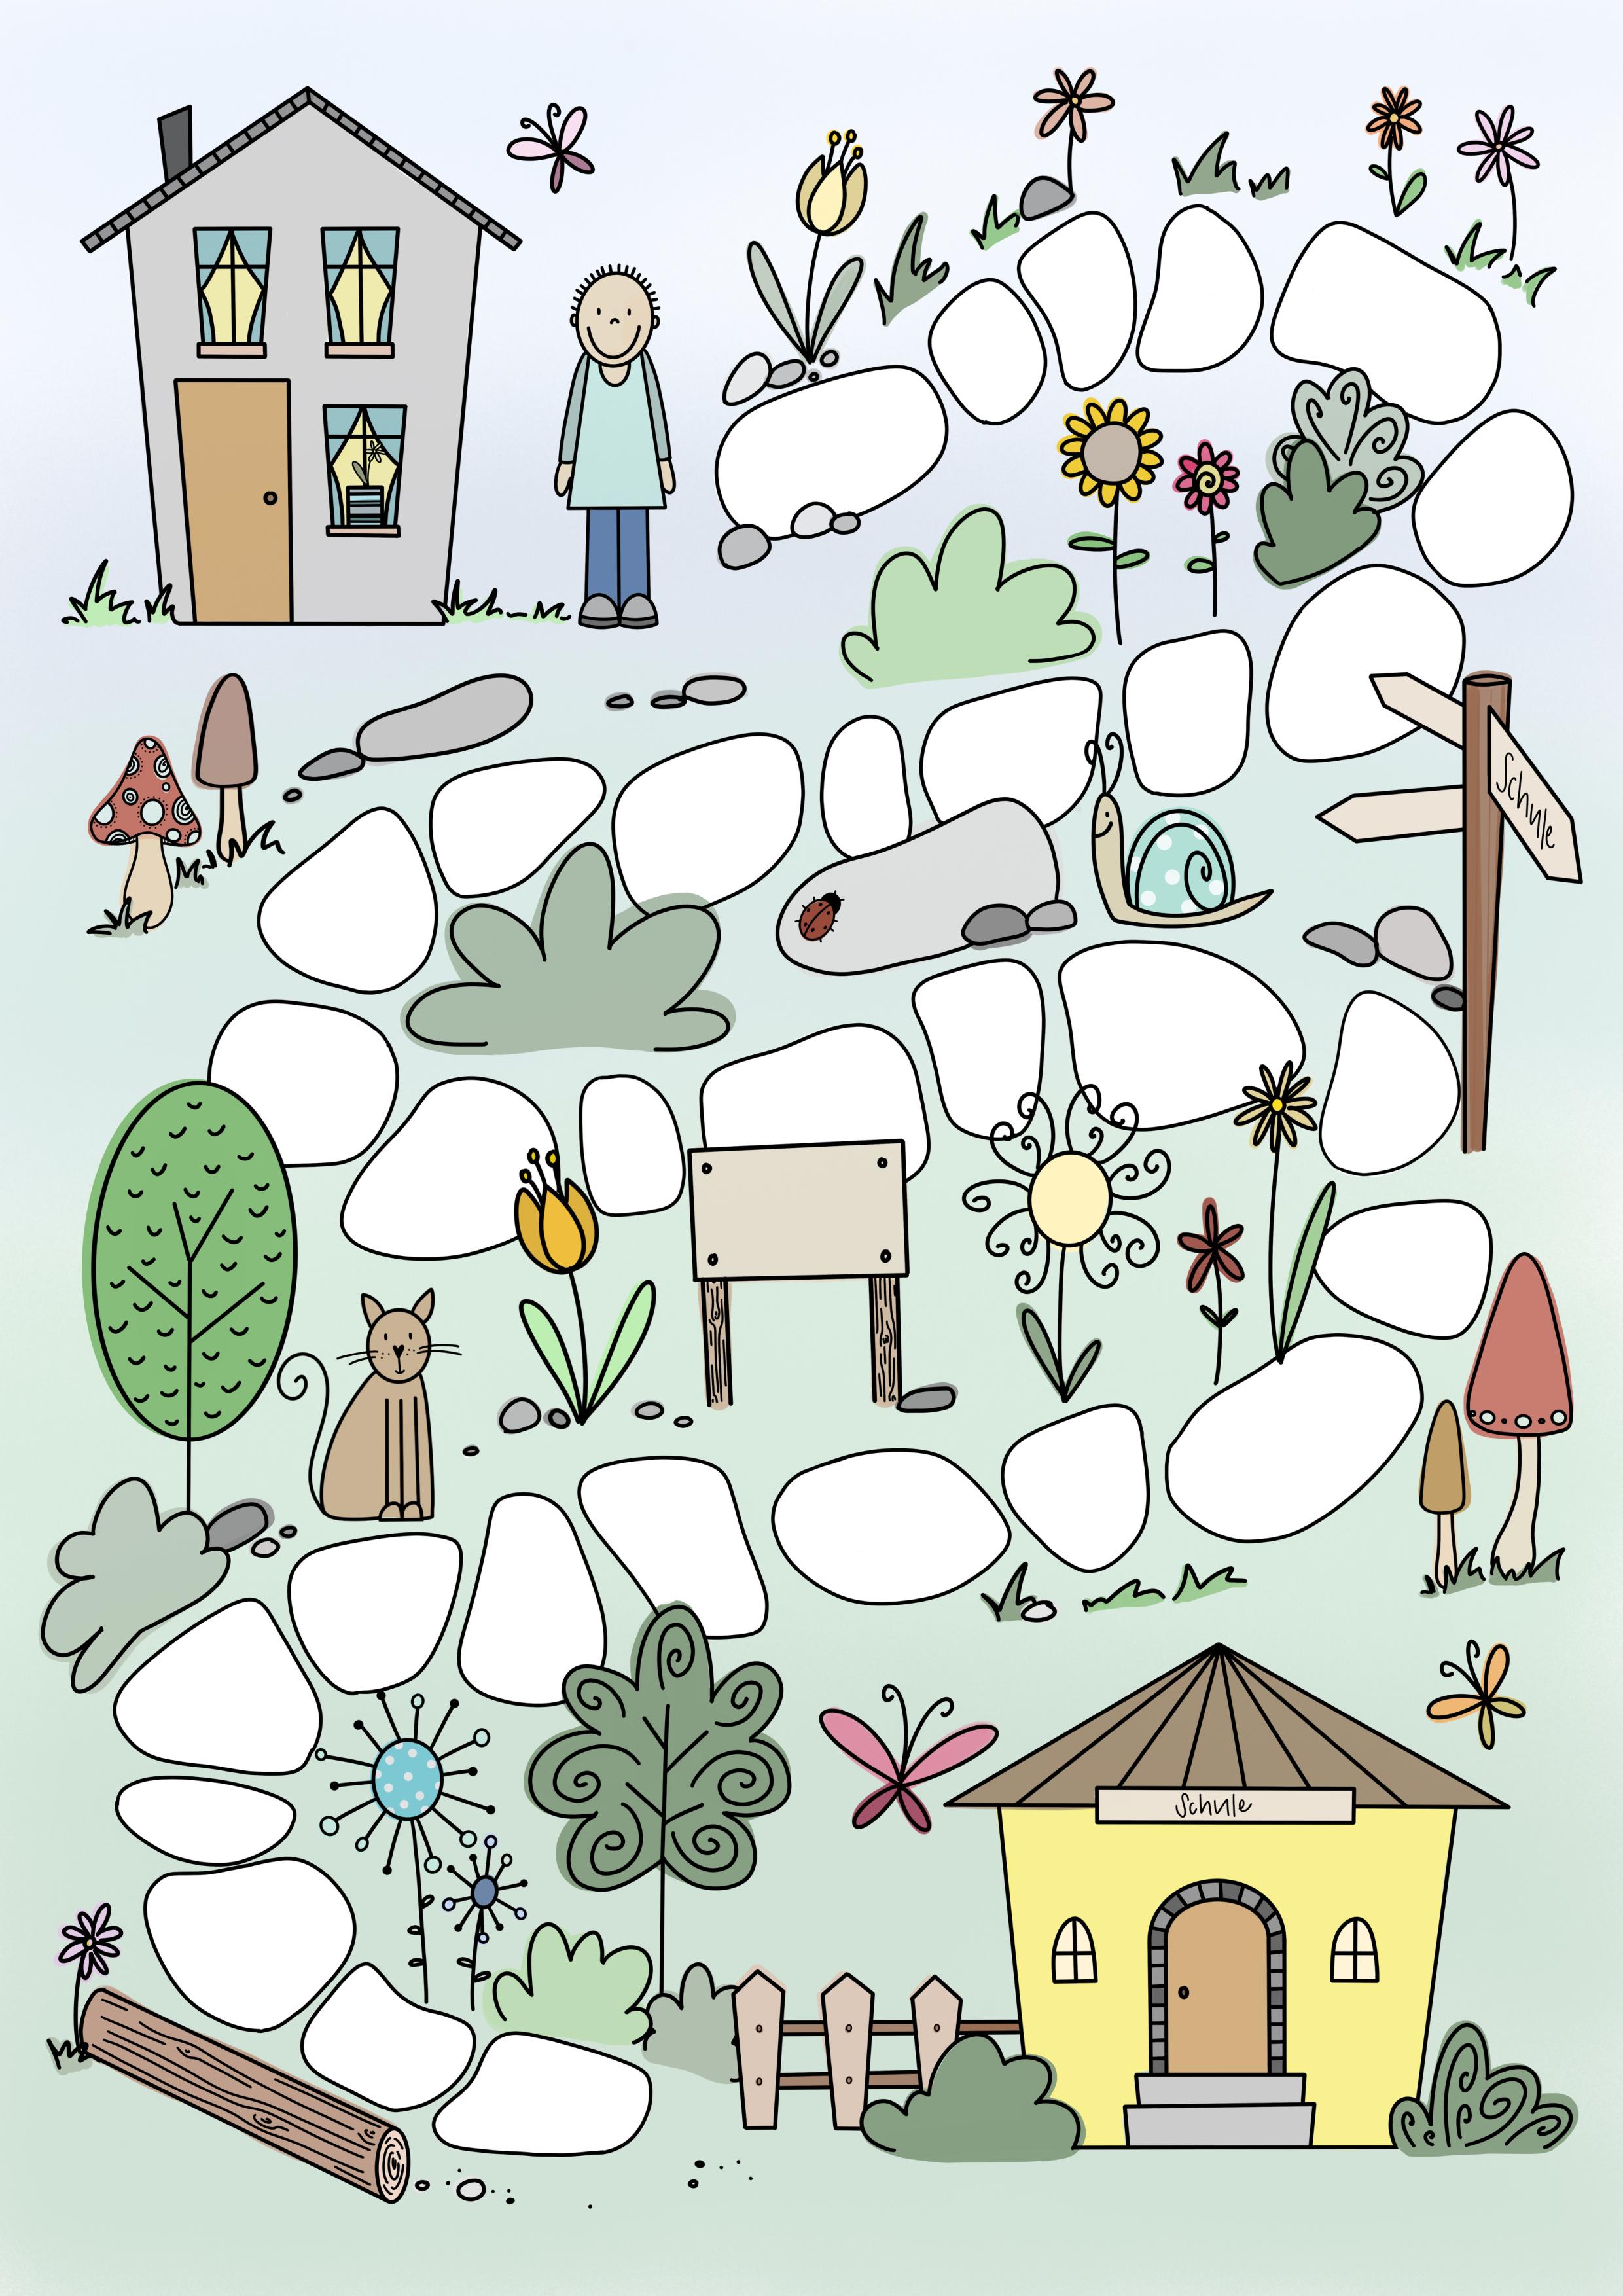 Kreative Aufgaben Fur Zu Hause Materialpaket Homeschooling Allg D M Gs Unterrichtsmaterial In Den Fachern Daz Daf Deutsch Fachubergreifendes K In 2020 Unterrichtsmaterial Vorschule Zu Hause Kunstunterricht